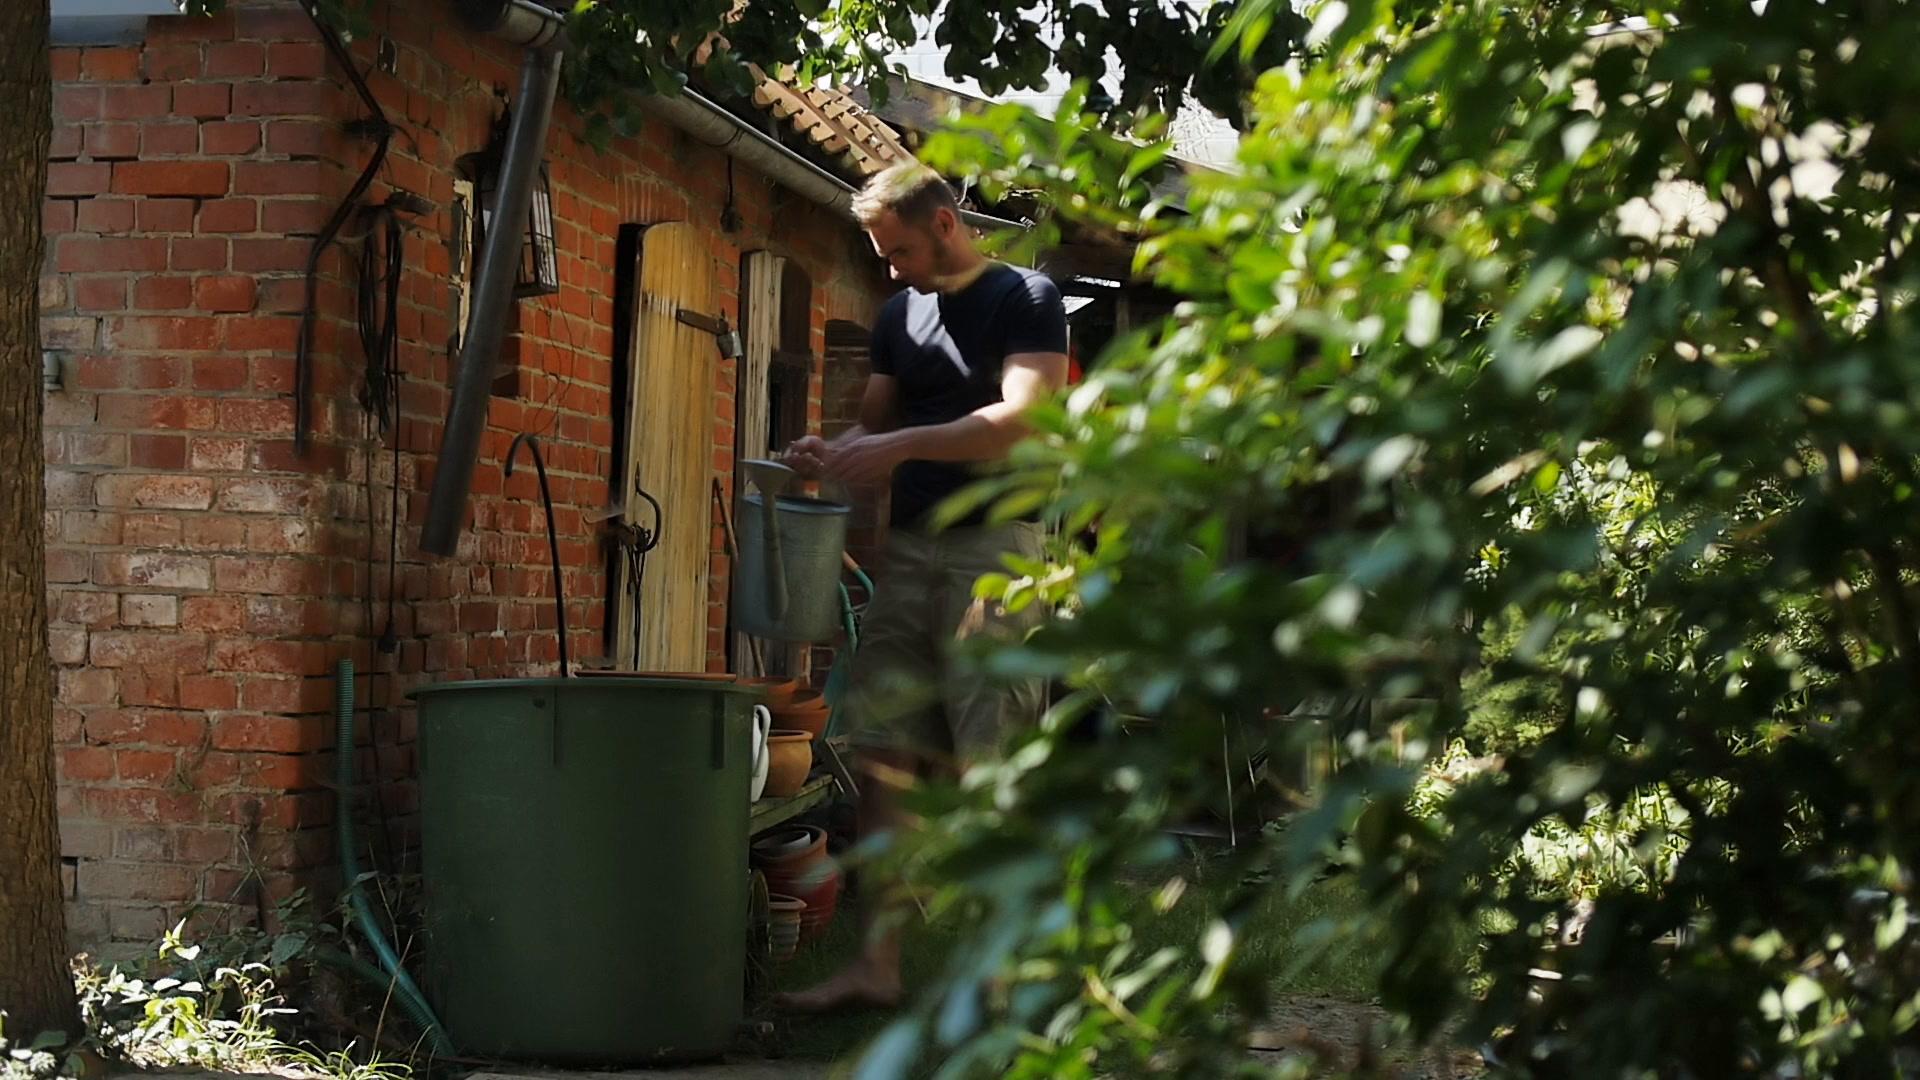 Wirksame Hausmittel gegen Mücken